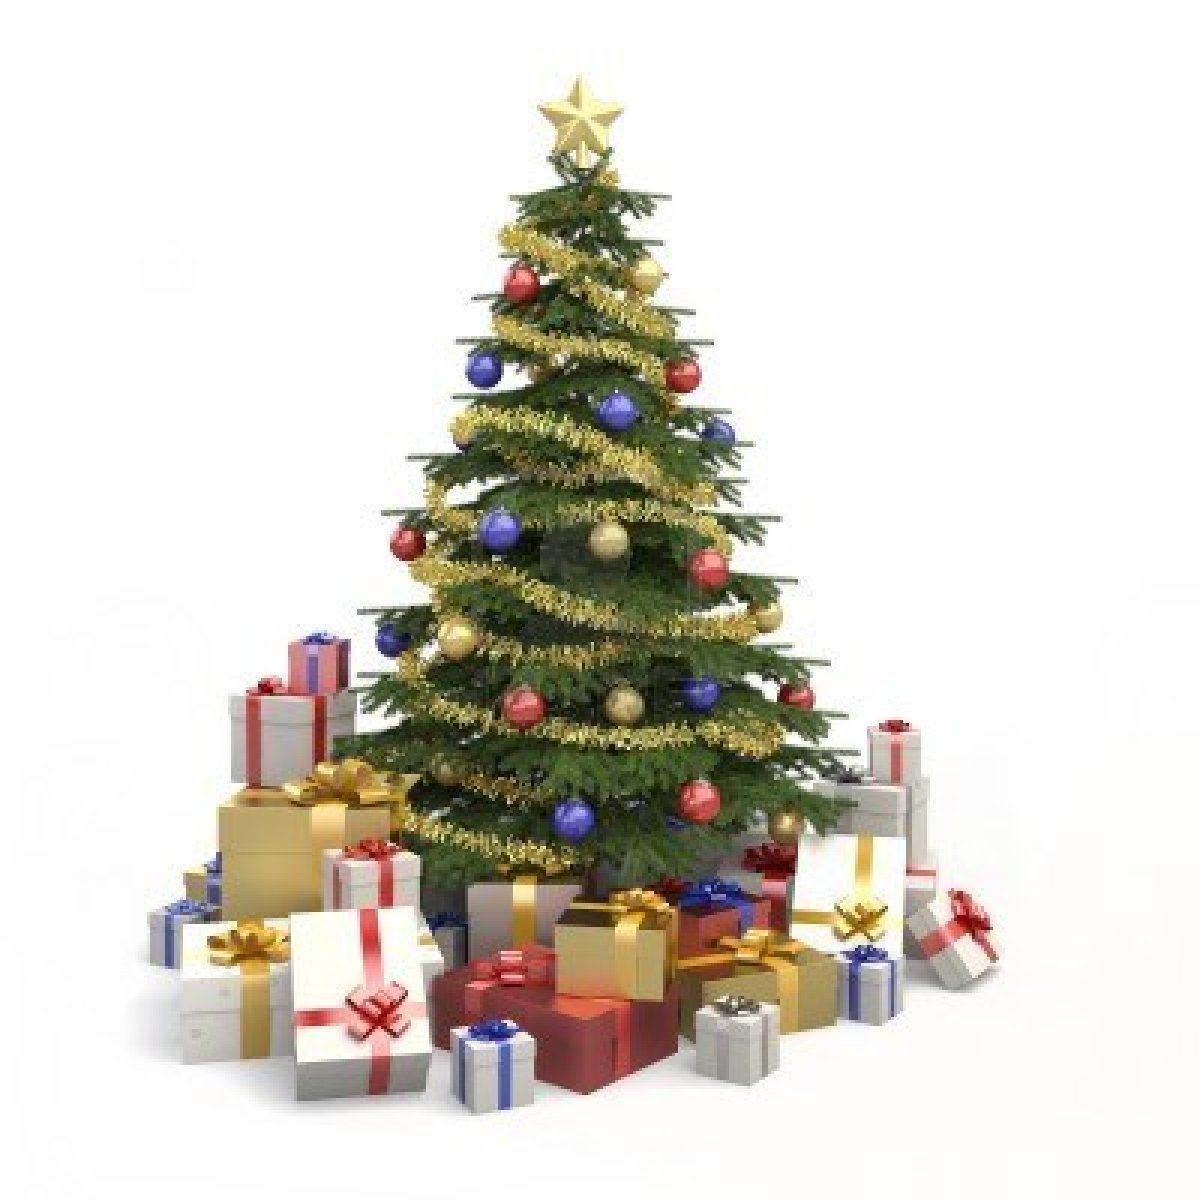 Arbol de navidad - Adornos para arbol navidad ...